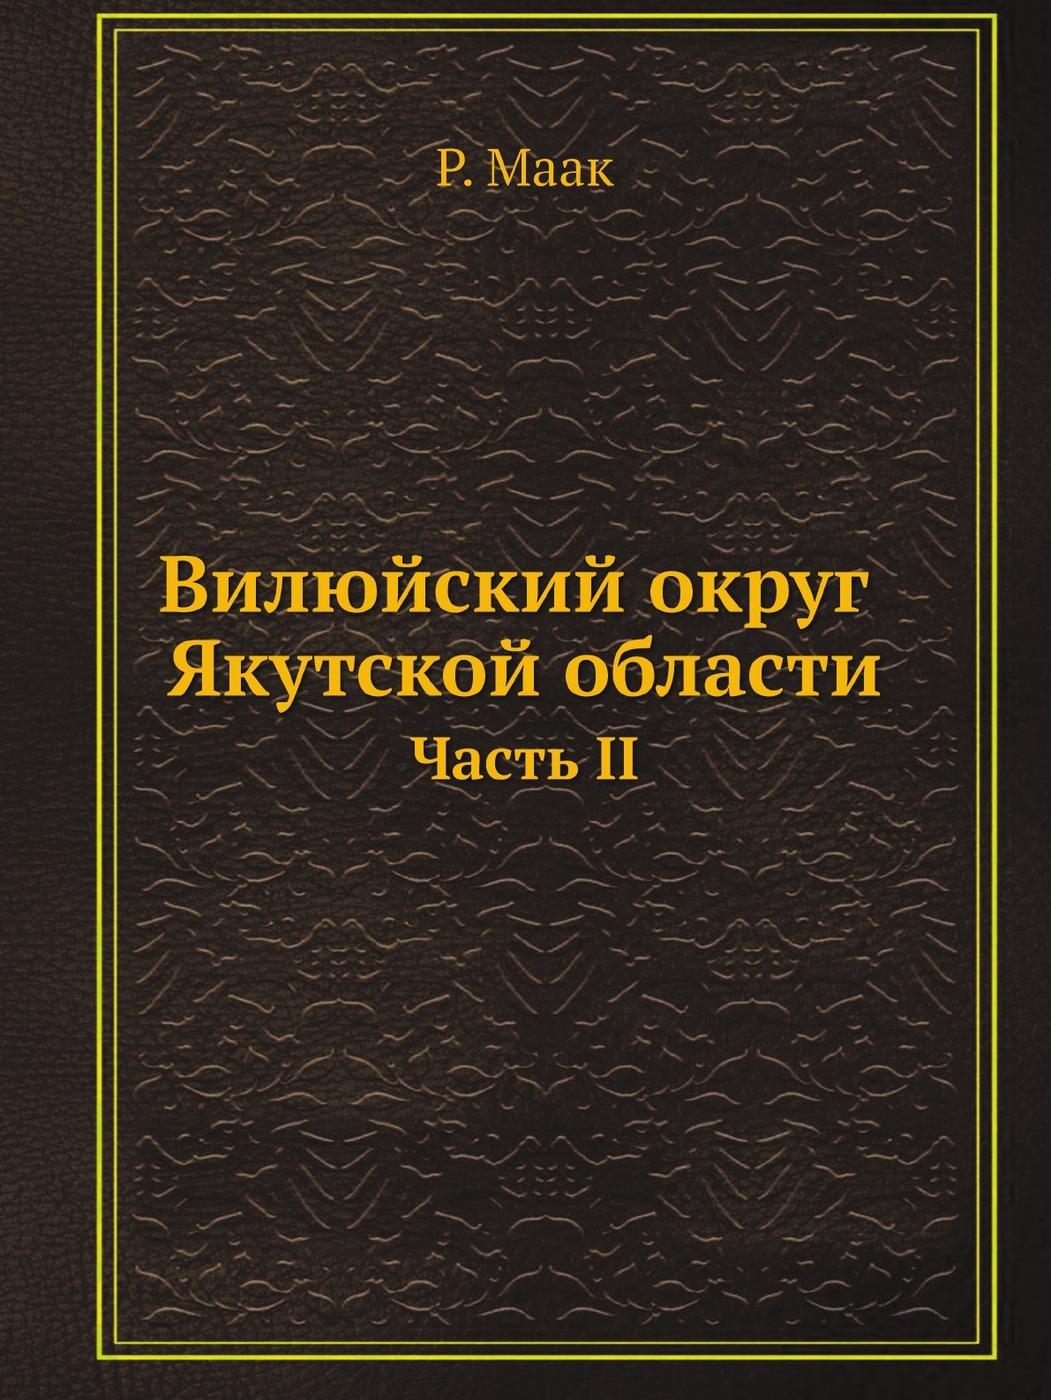 Р. Маак Вилюйский округ Якутской области. Часть II